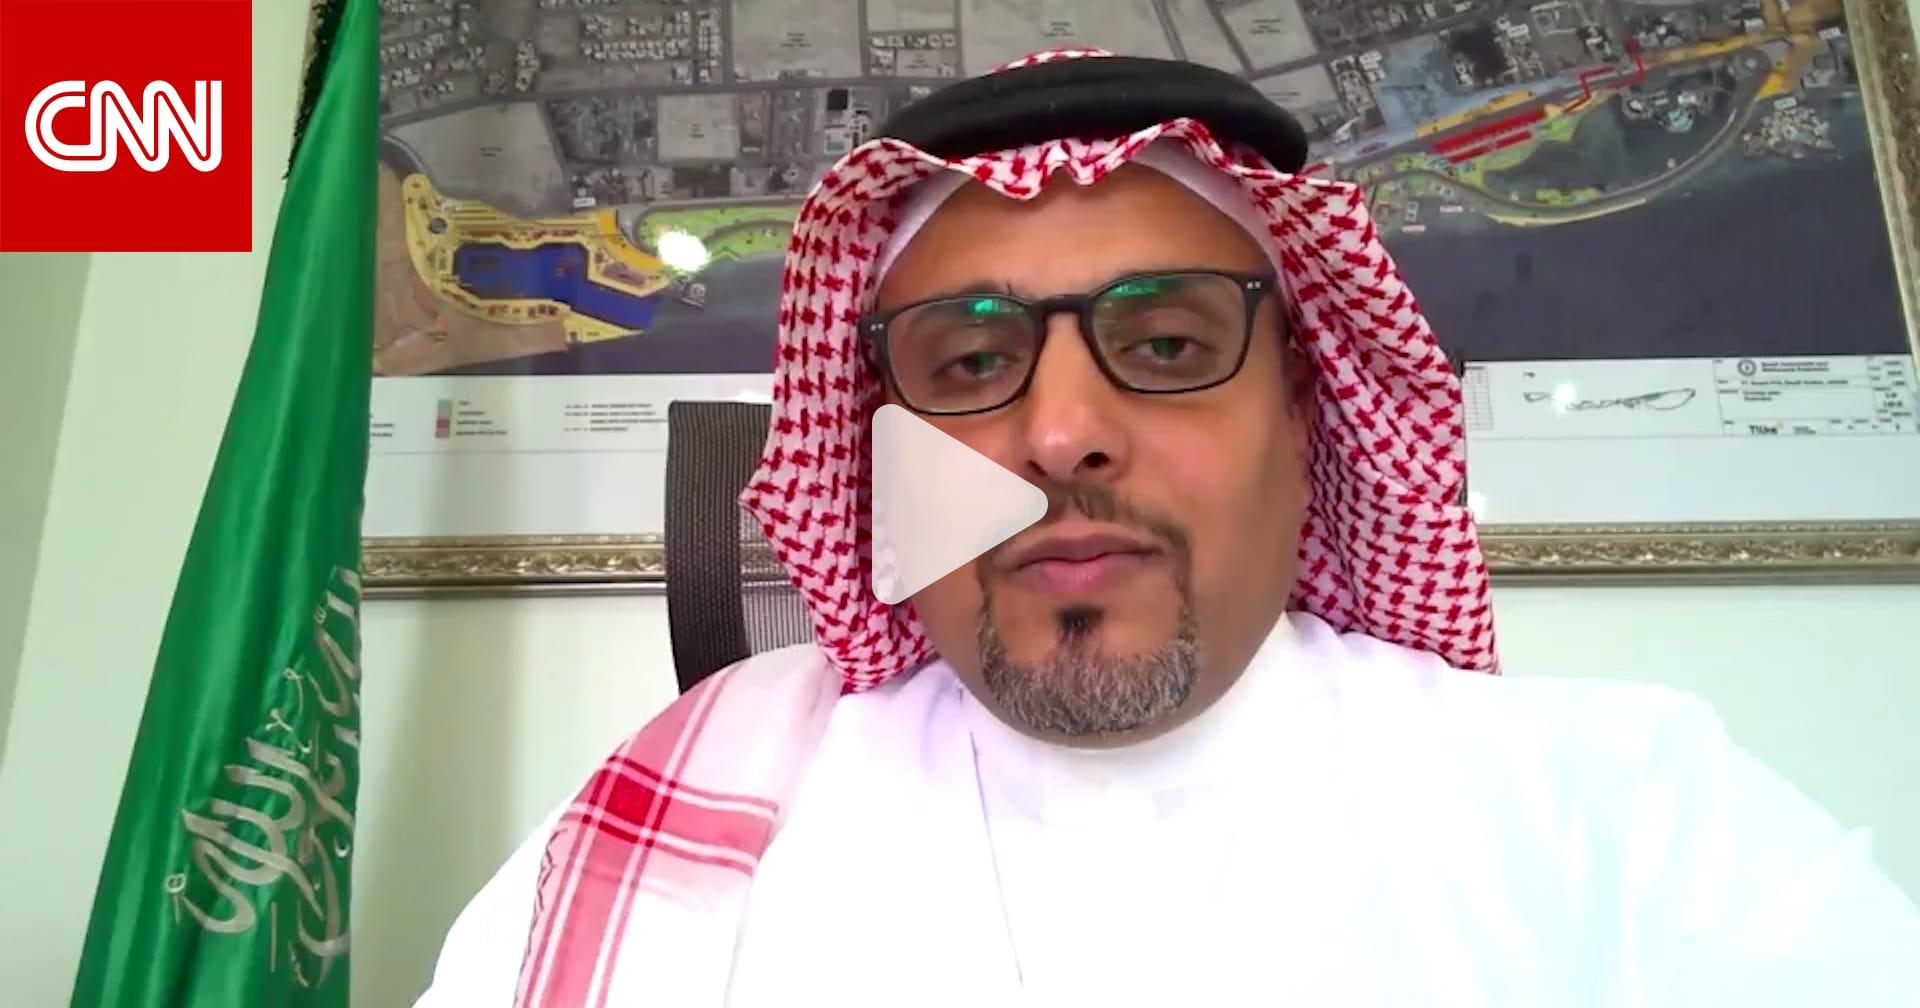 كيف ستنظم السعودية فورمولا 1 وسط انتقادات بشأن خاشقجي ولجين؟.. خالد بن سلطان يتحدث لـ CNN